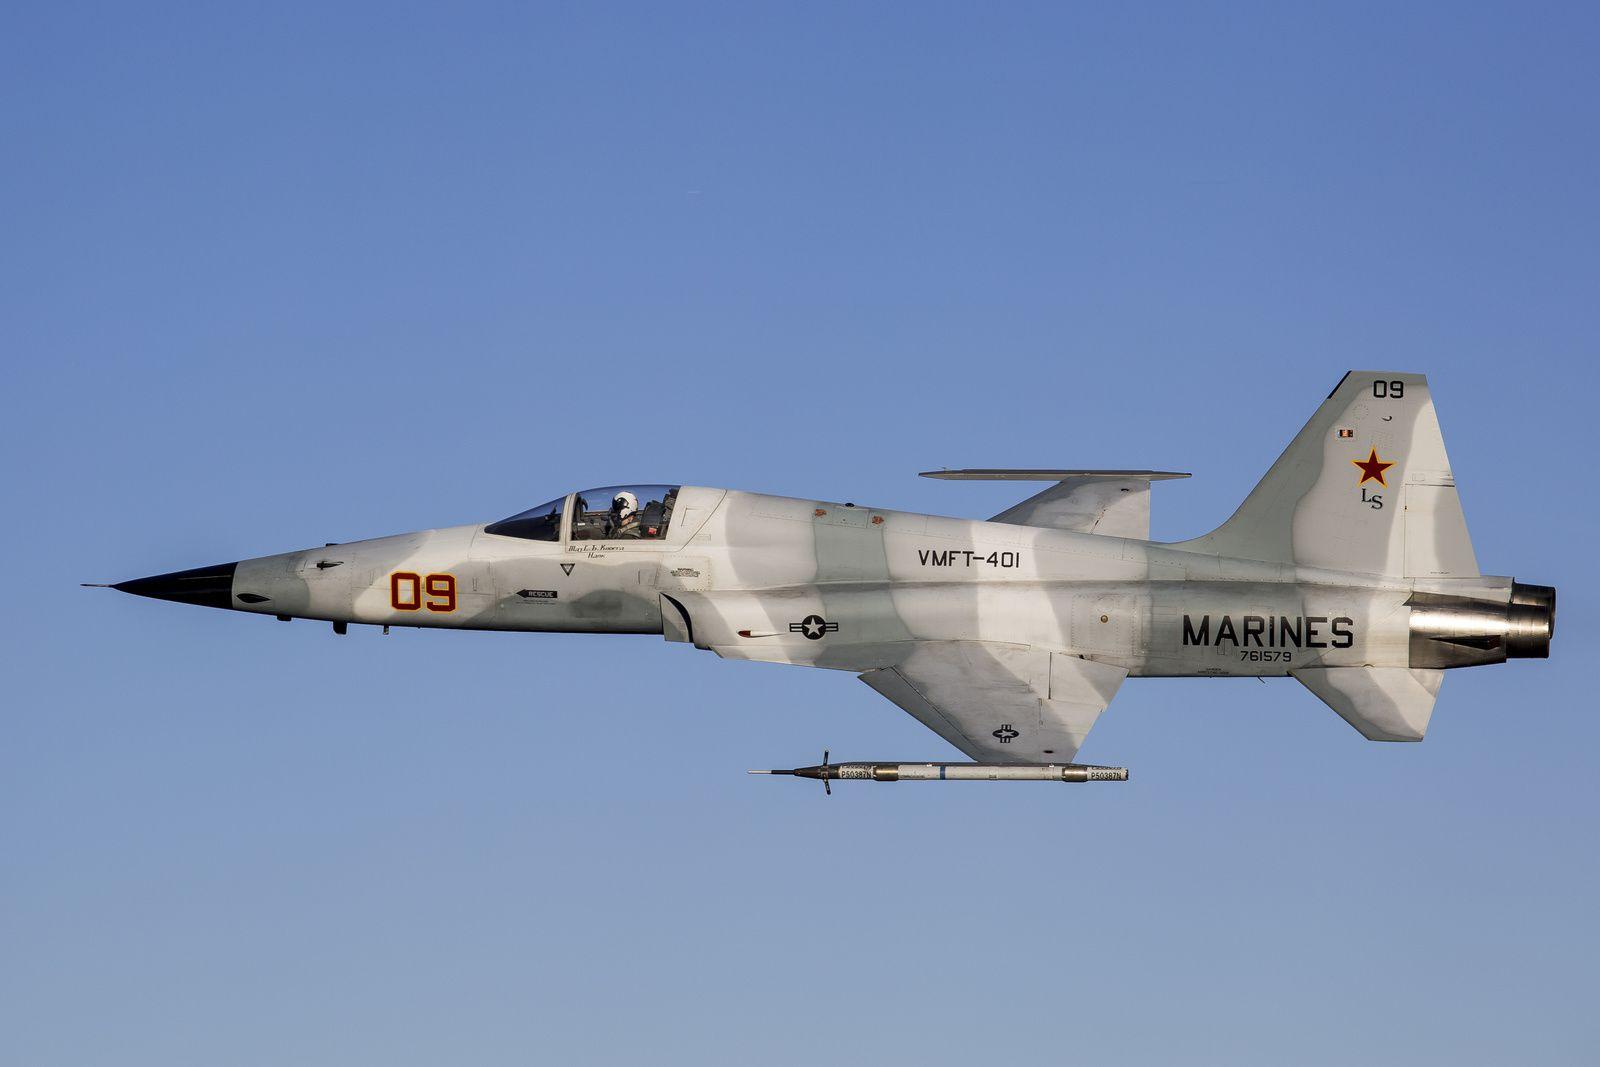 © USMC - Un F-5N Tiger II Aggressor du VMFT-401 «Snipers» de l'US Marine Corps Reserve.